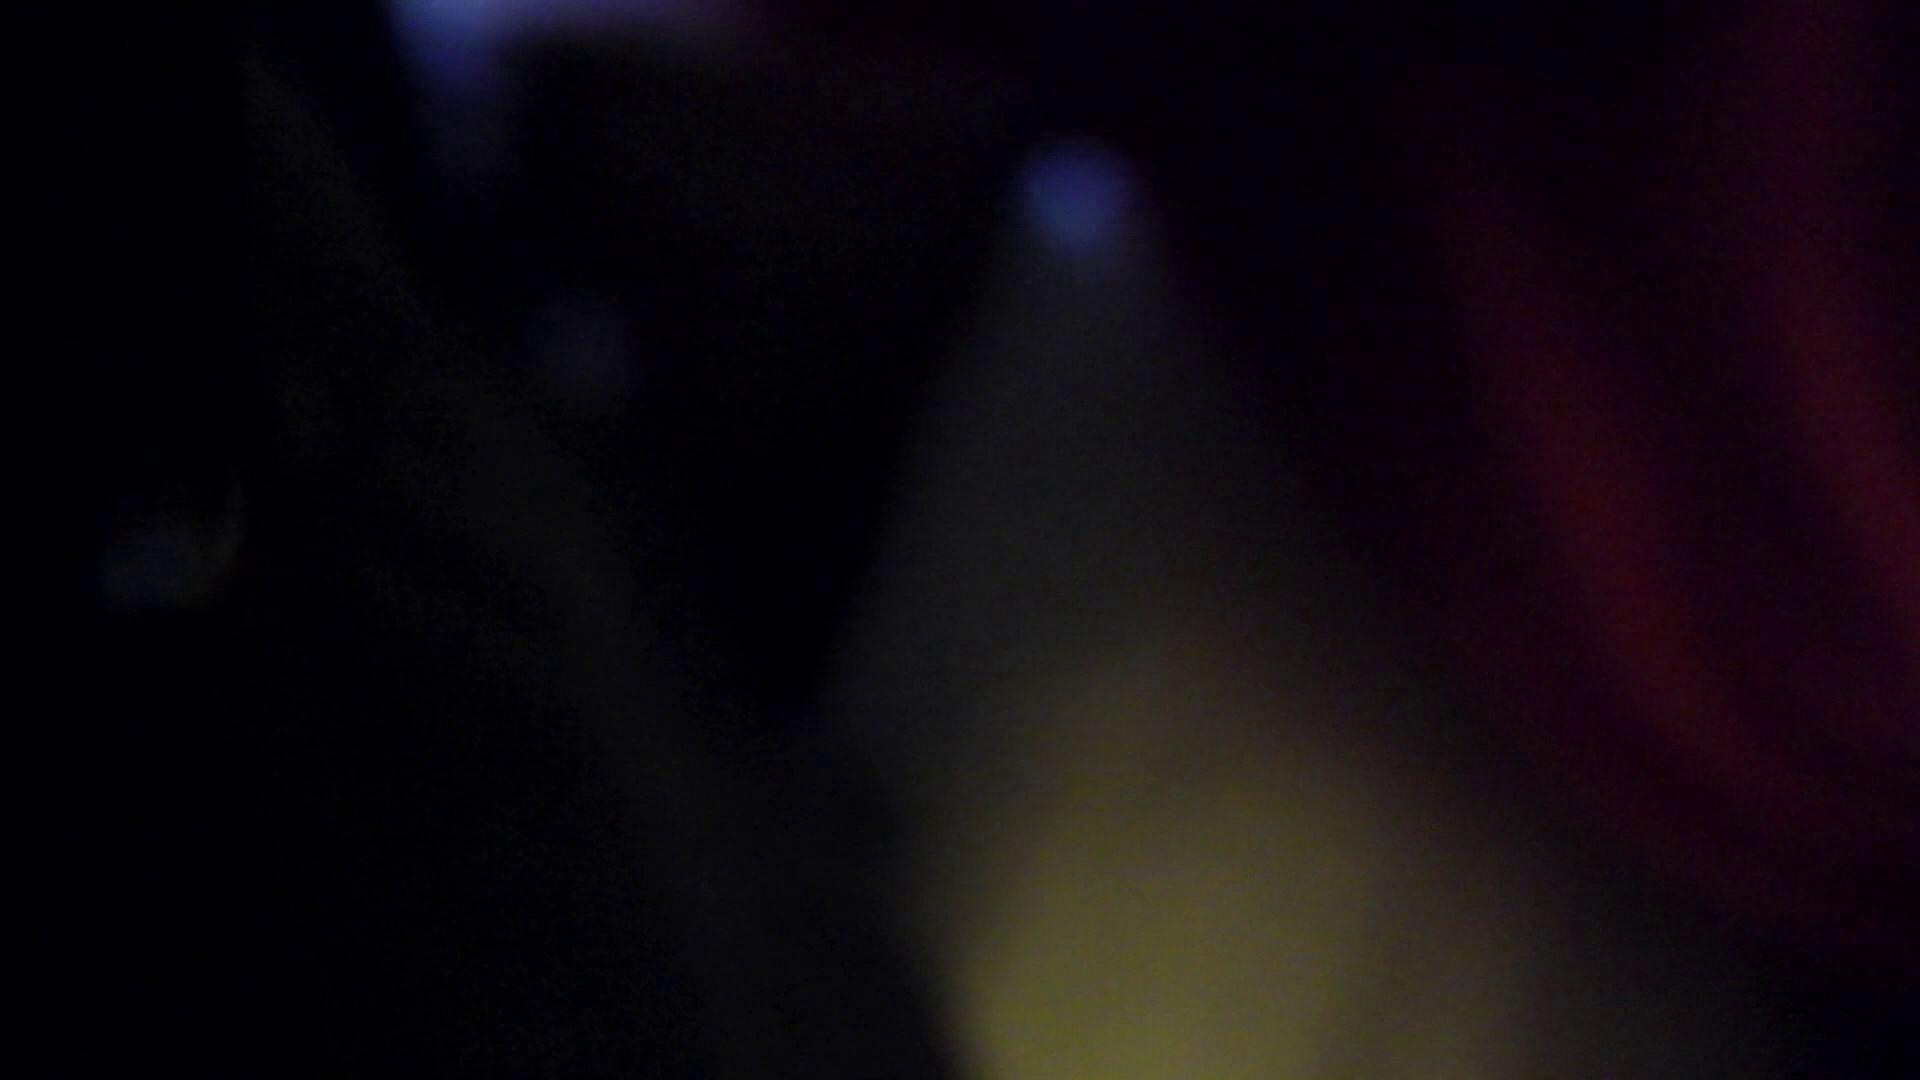 無料アダルト動画:ヒトニアラヅNo.02 姿と全体の流れを公開:怪盗ジョーカー